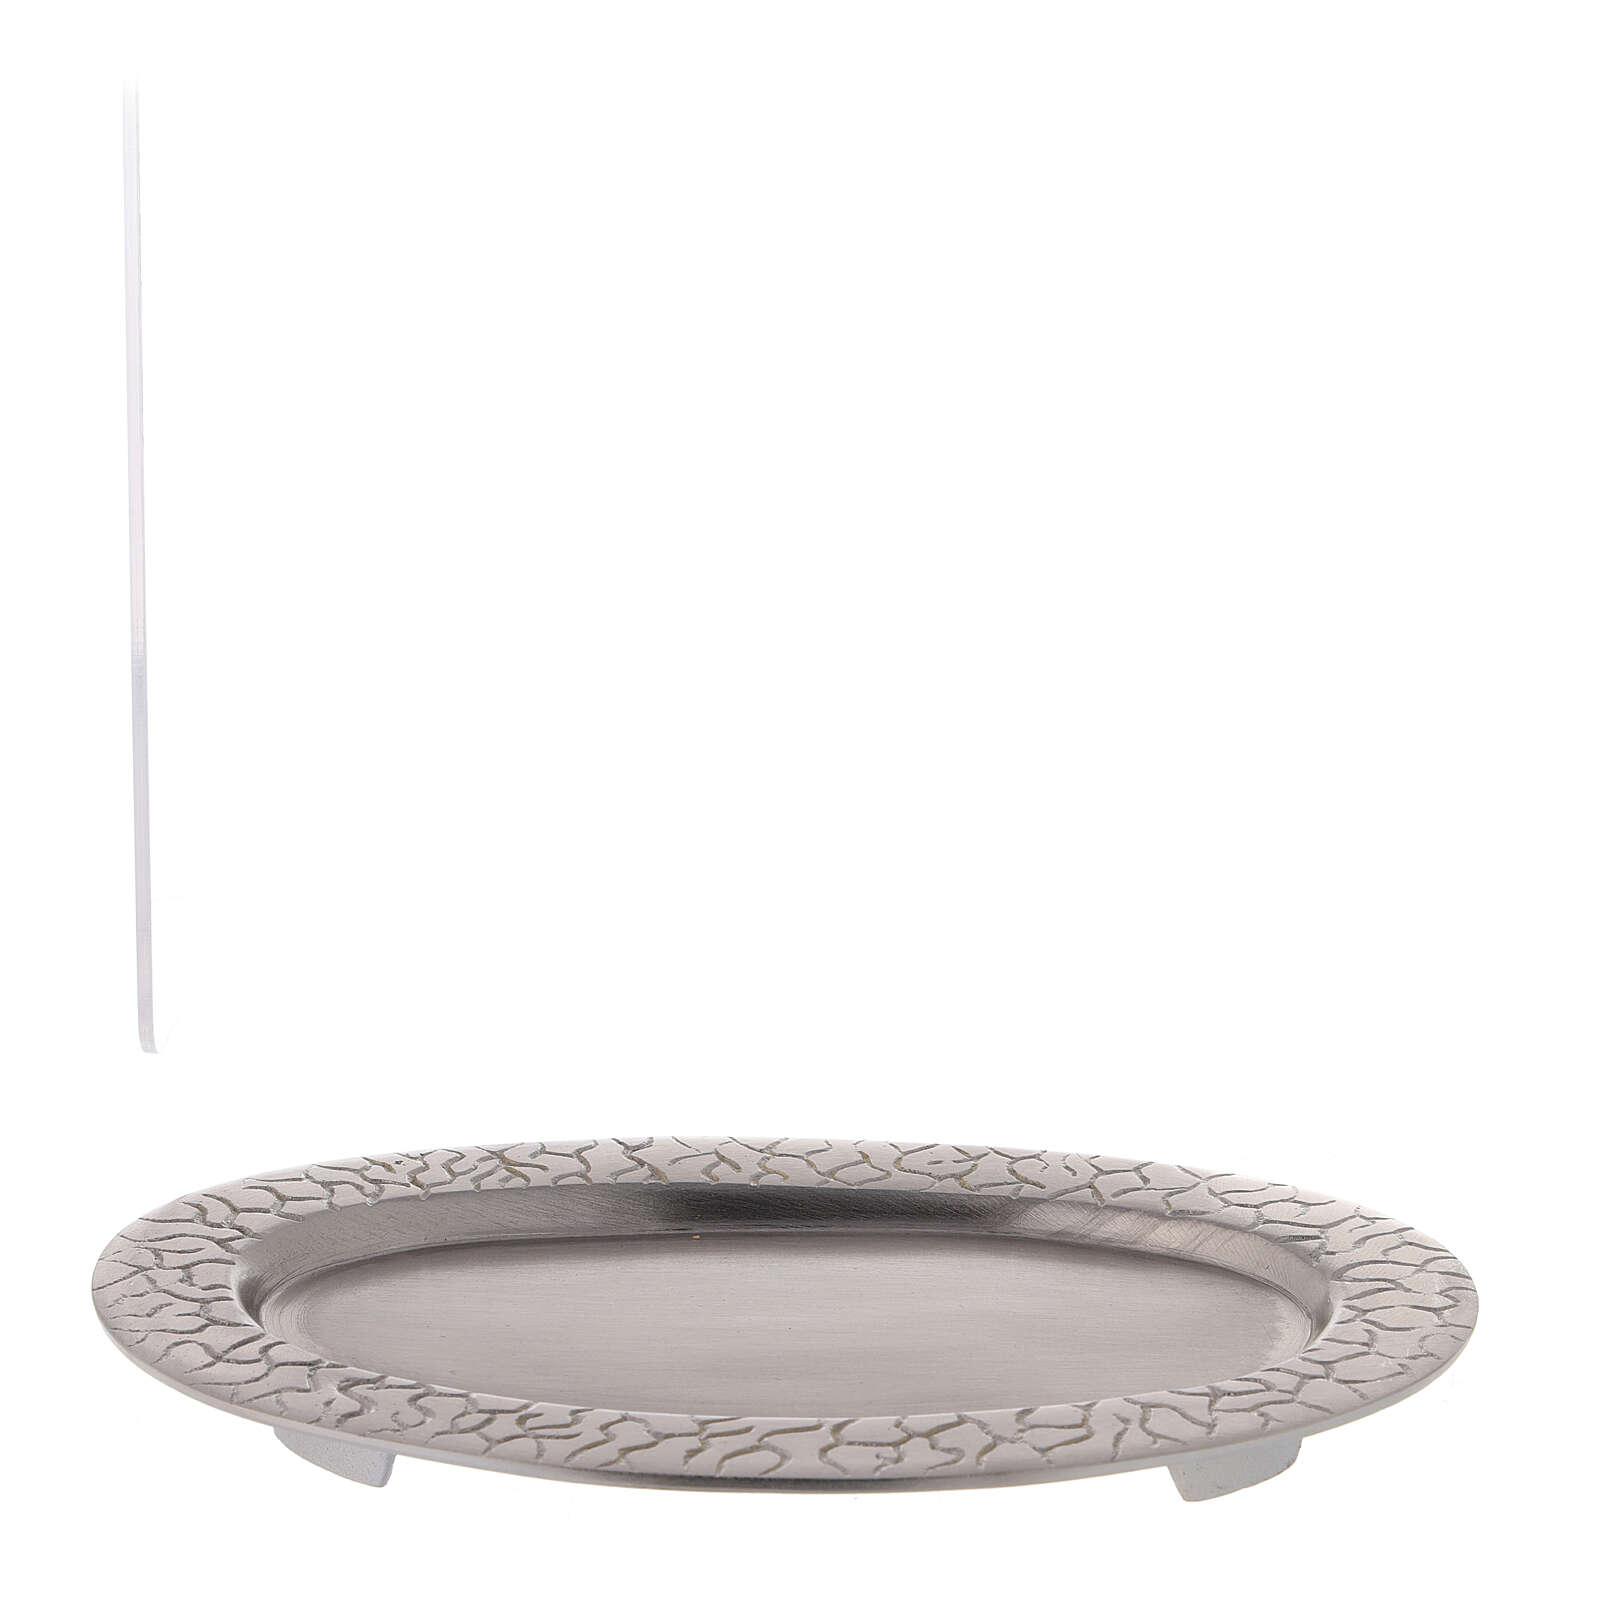 Assiette pour bougie ovale décoration racines 17x7 cm 3